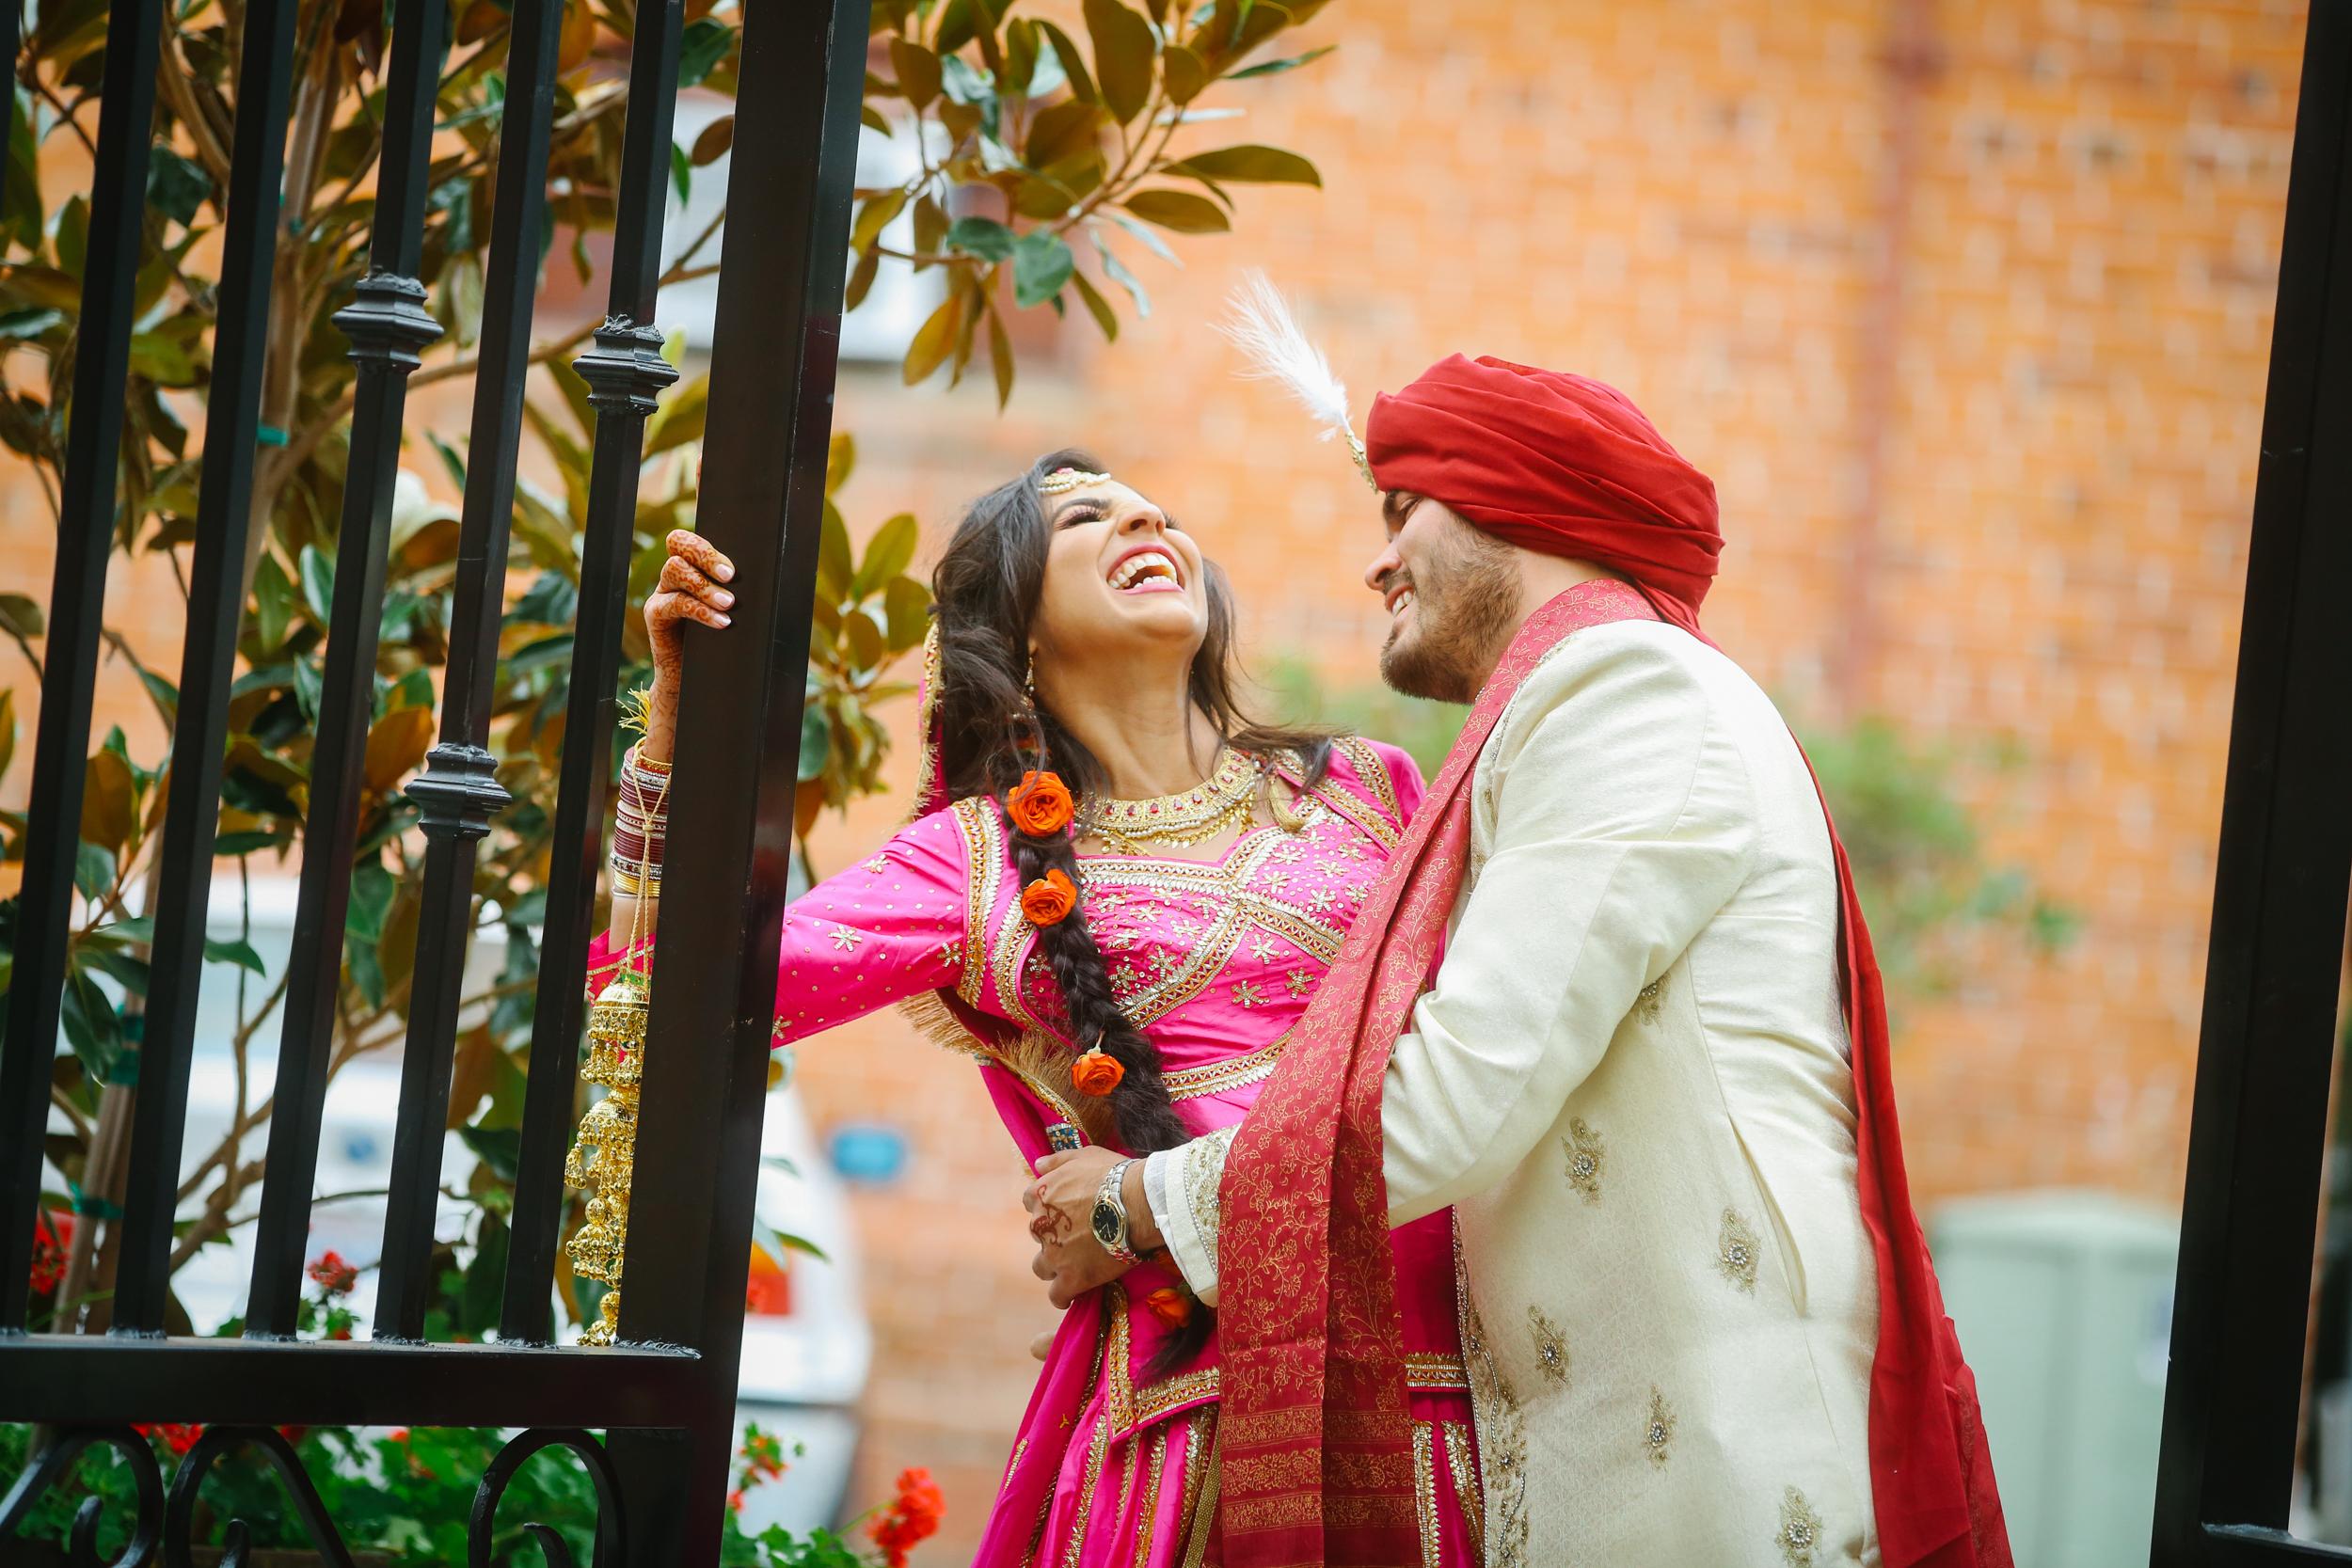 JKP_Indian_Weddings_0153.JPG